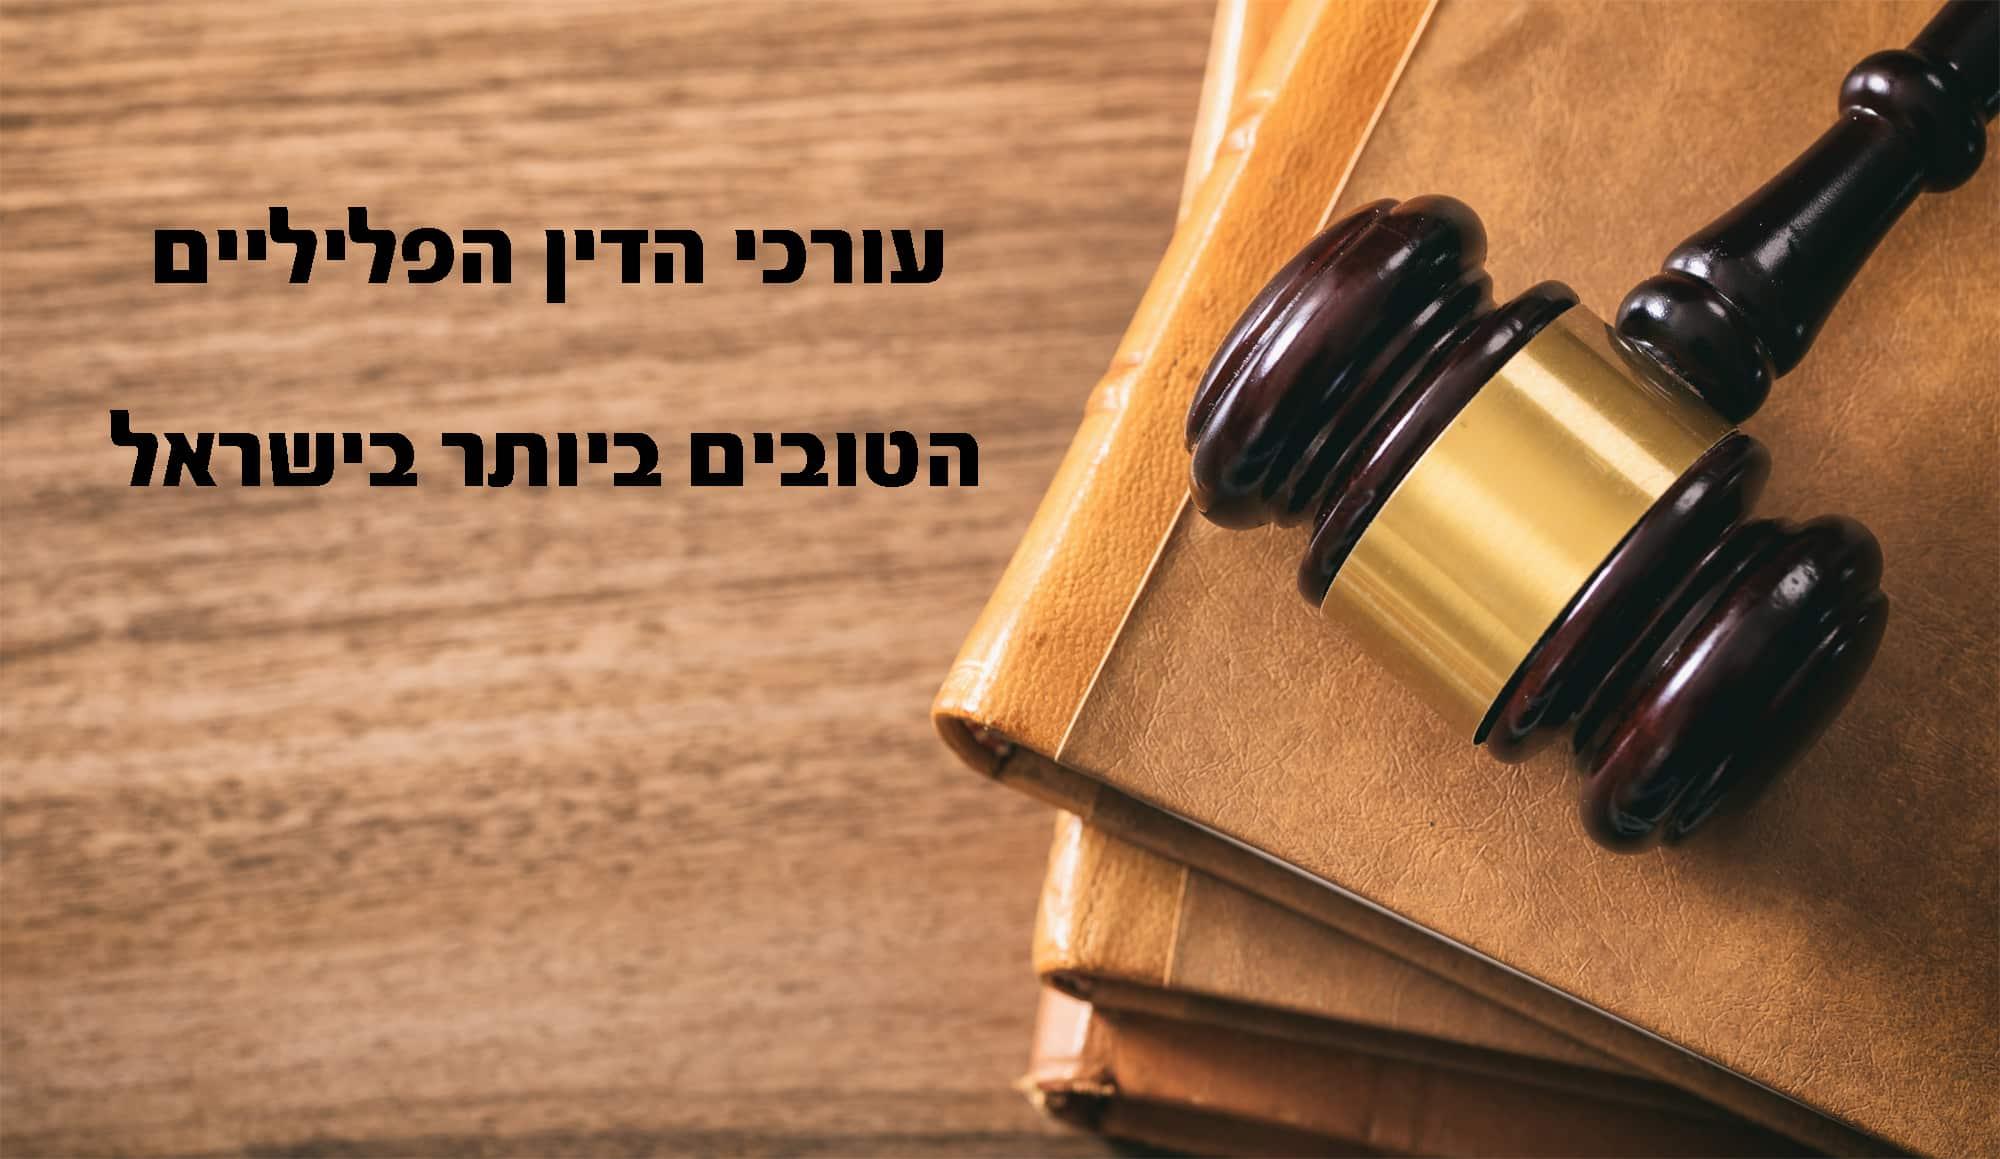 אתר דירוג עורכי הדין הפליליים המומלצים והטובים ביותר בישראל